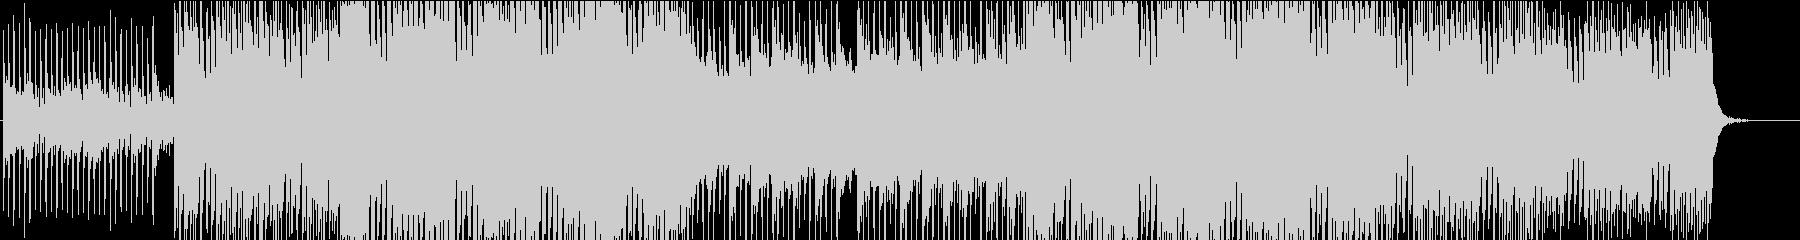 きらきら音色★のメロディックコーポレートの未再生の波形